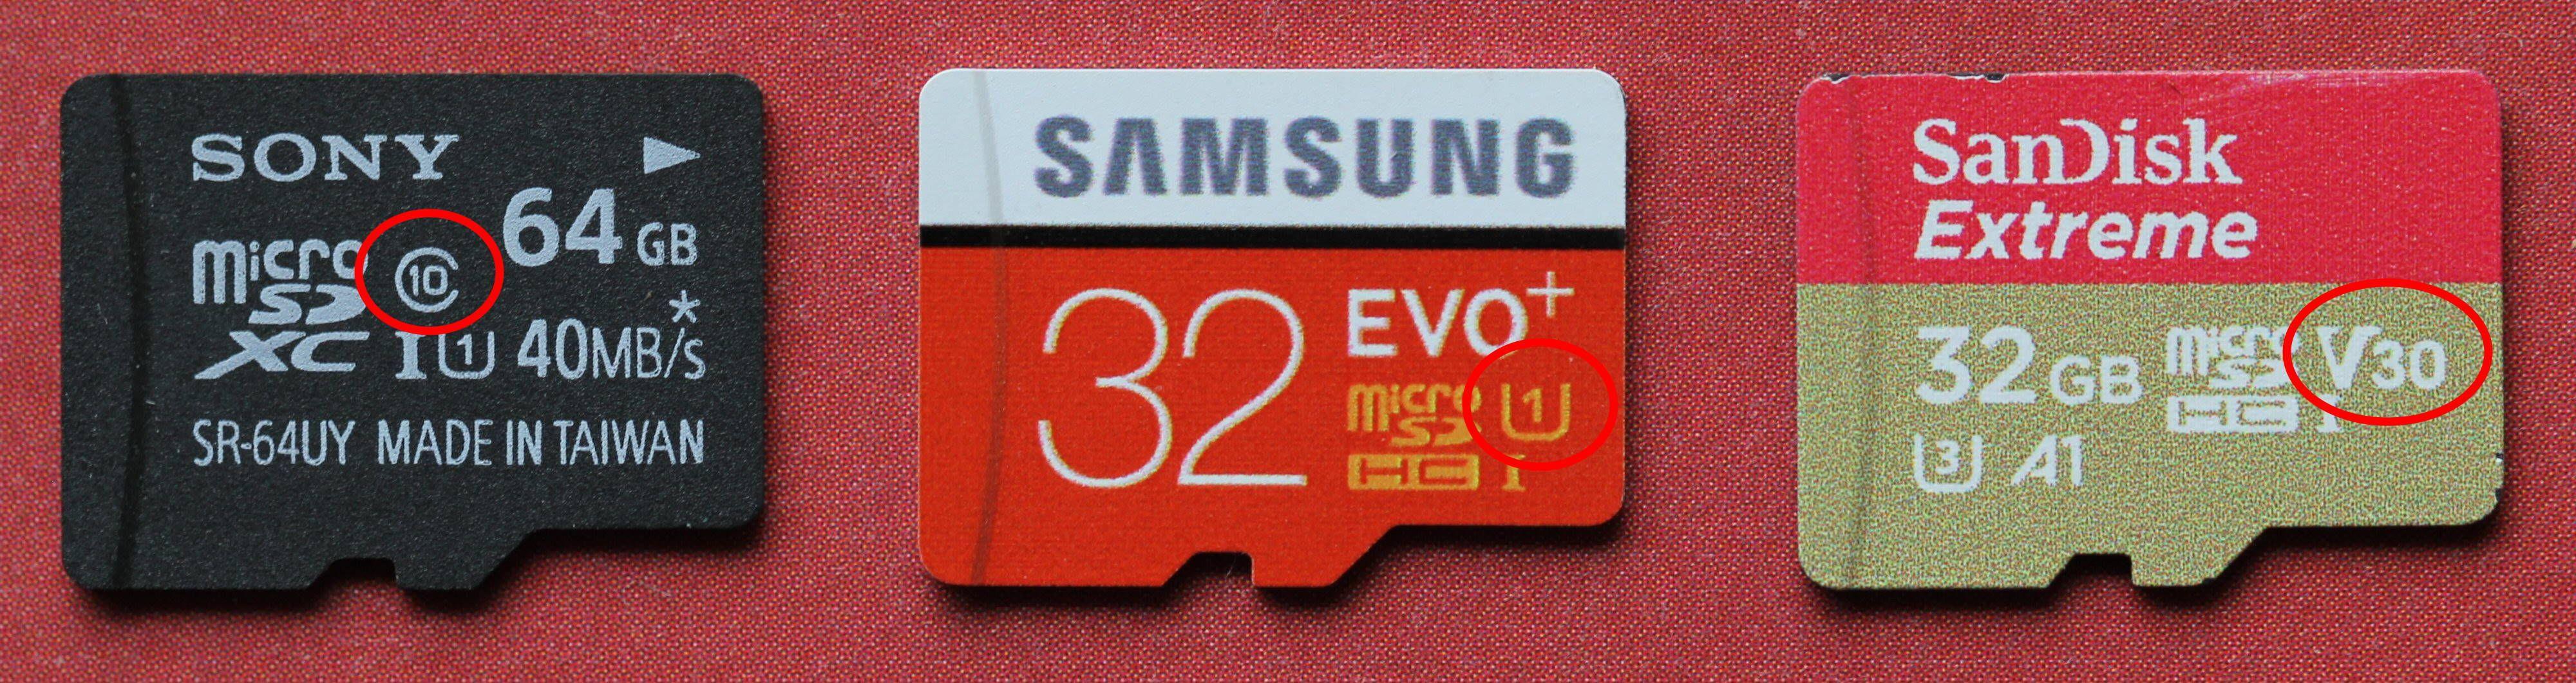 Her har vi ringet rundt merking for Speed Class, UHS Speed Class og Video Speed Class. Som vi ser er det ikke noe i veien for å merke minnekort innen flere klasser.